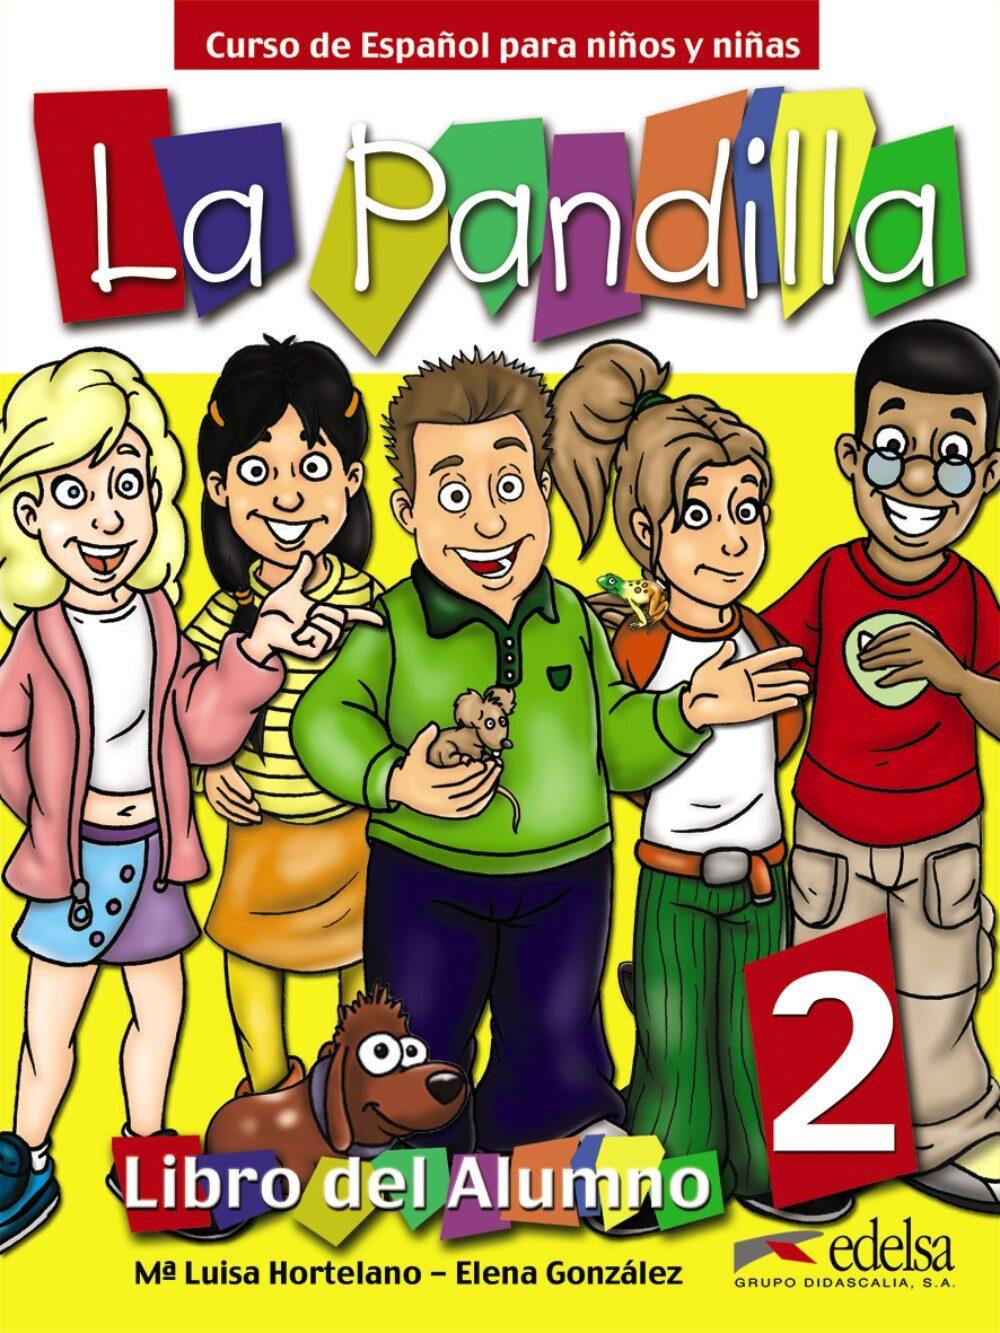 La Pandilla 2: Curso De Español Para Niños Y Niña: Libro Del Alum No + Cuaderno De Actividades por M Luisa Hortelano;                                                                                    Elena Gonzalez